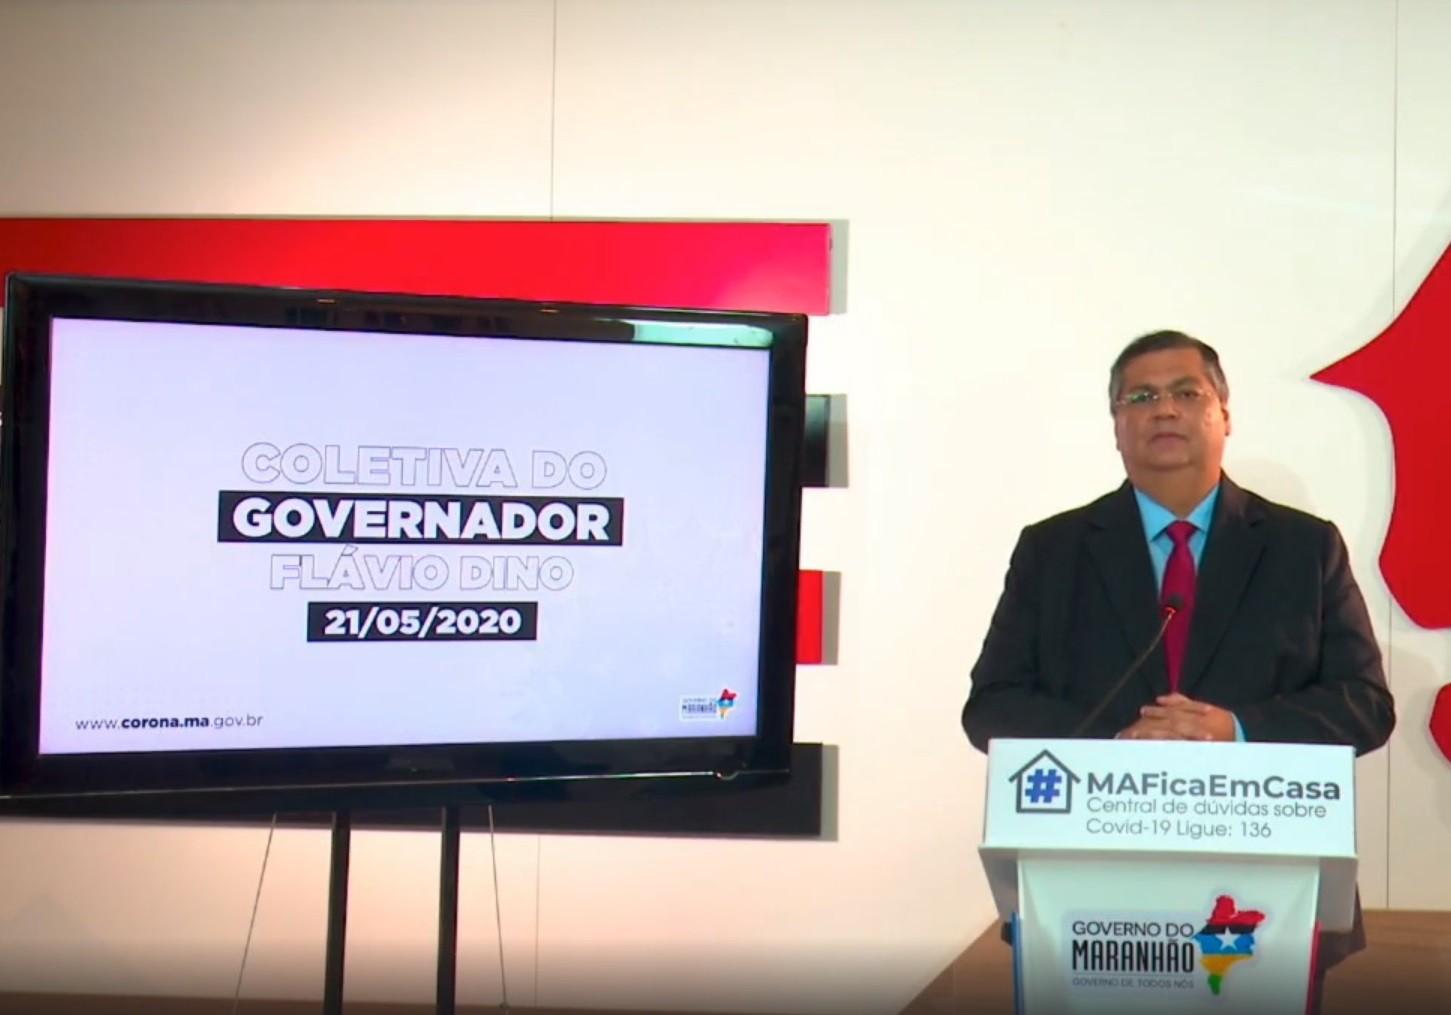 Flávio Dino diz que reabertura gradual do comércio no Maranhão será uma 'experiência'